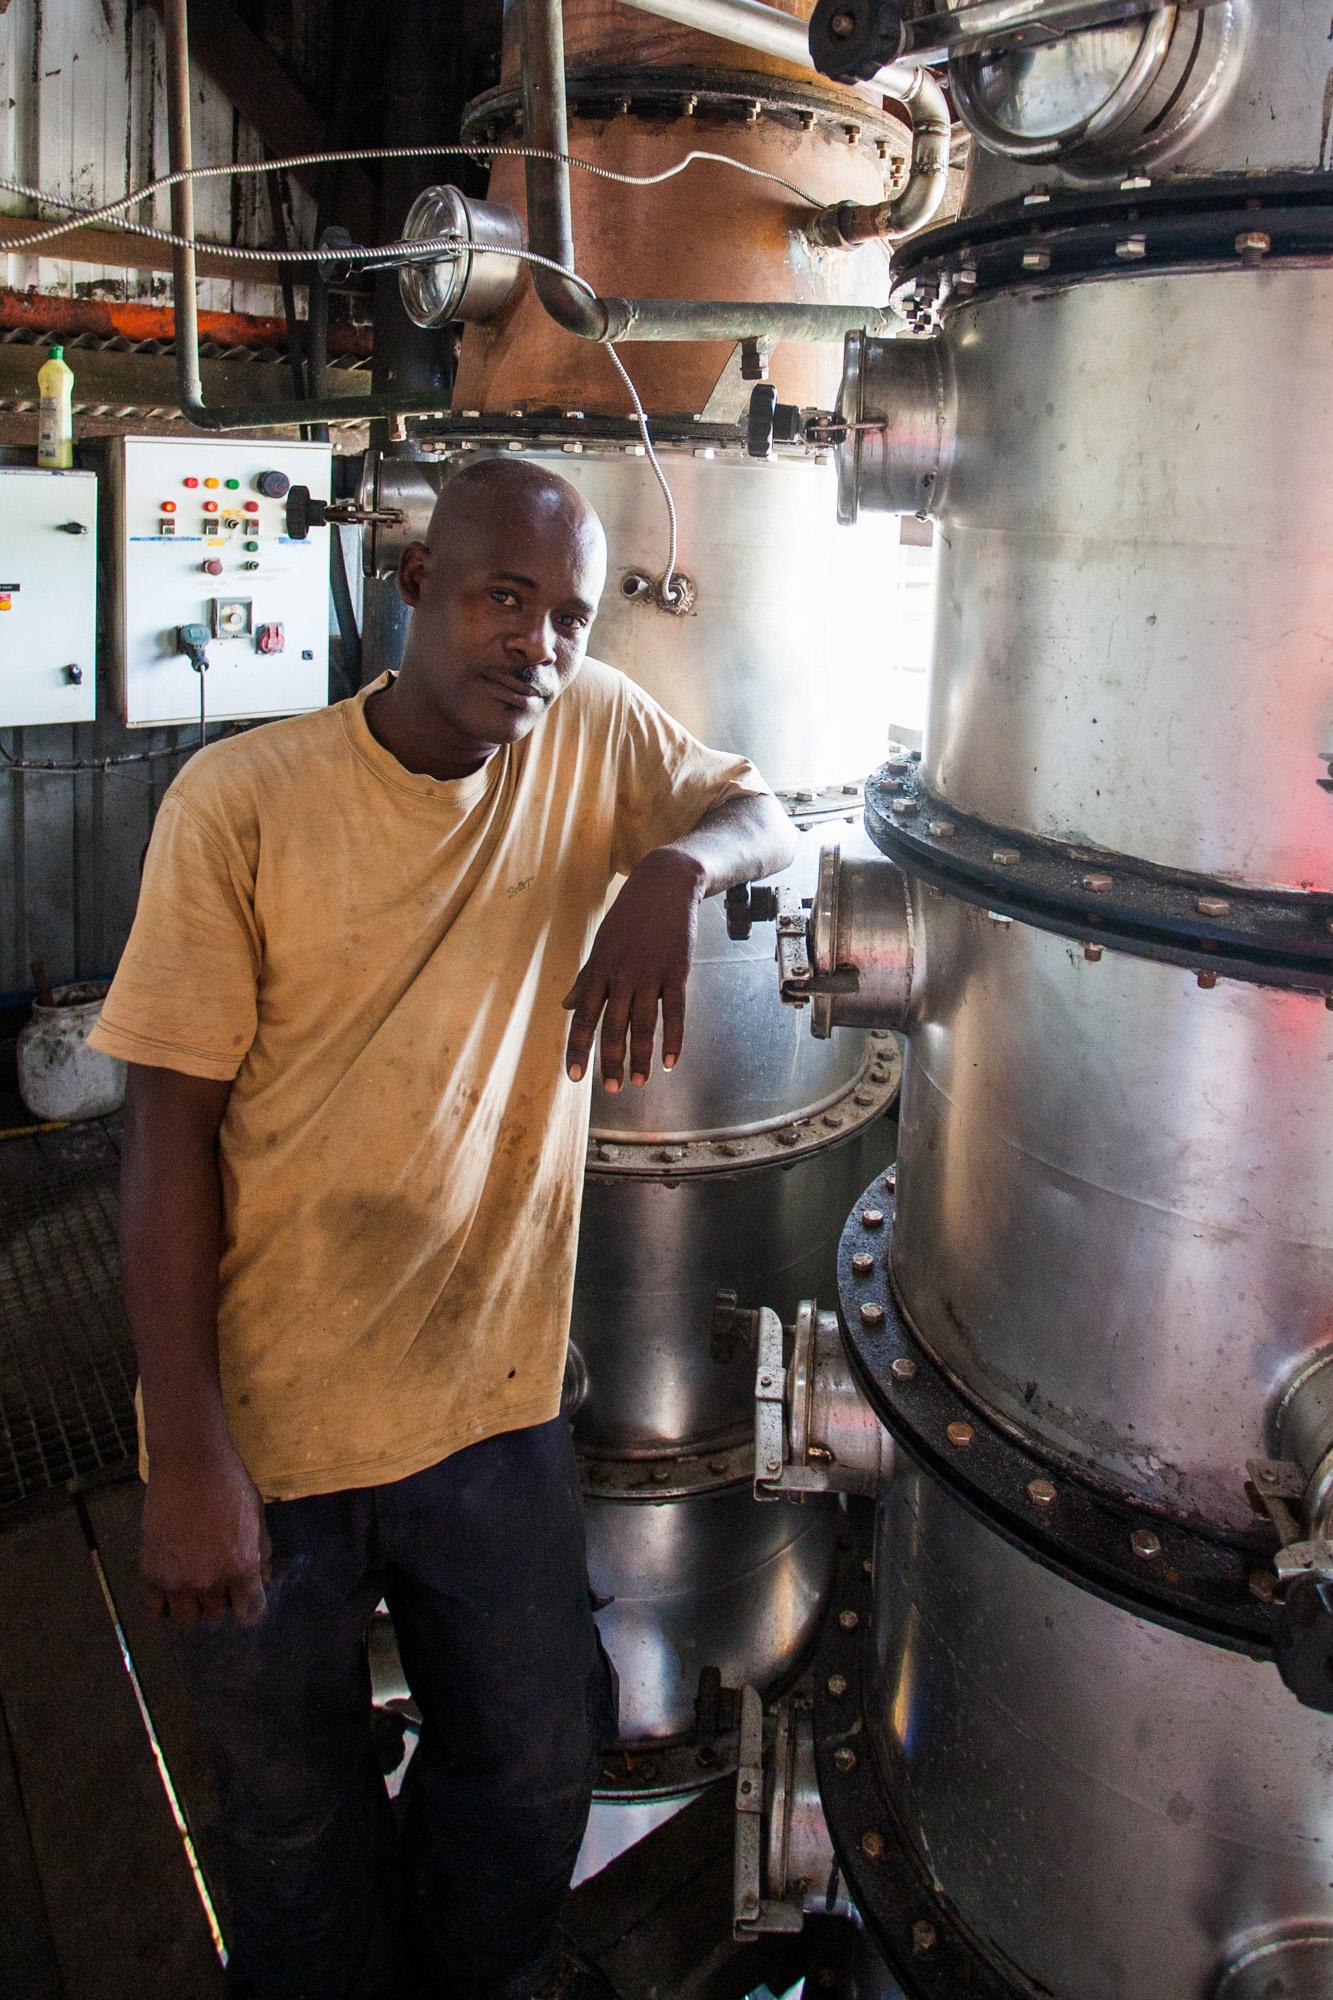 Un employé dans la distillerie de Rhum Bielle à Marie-Galante.